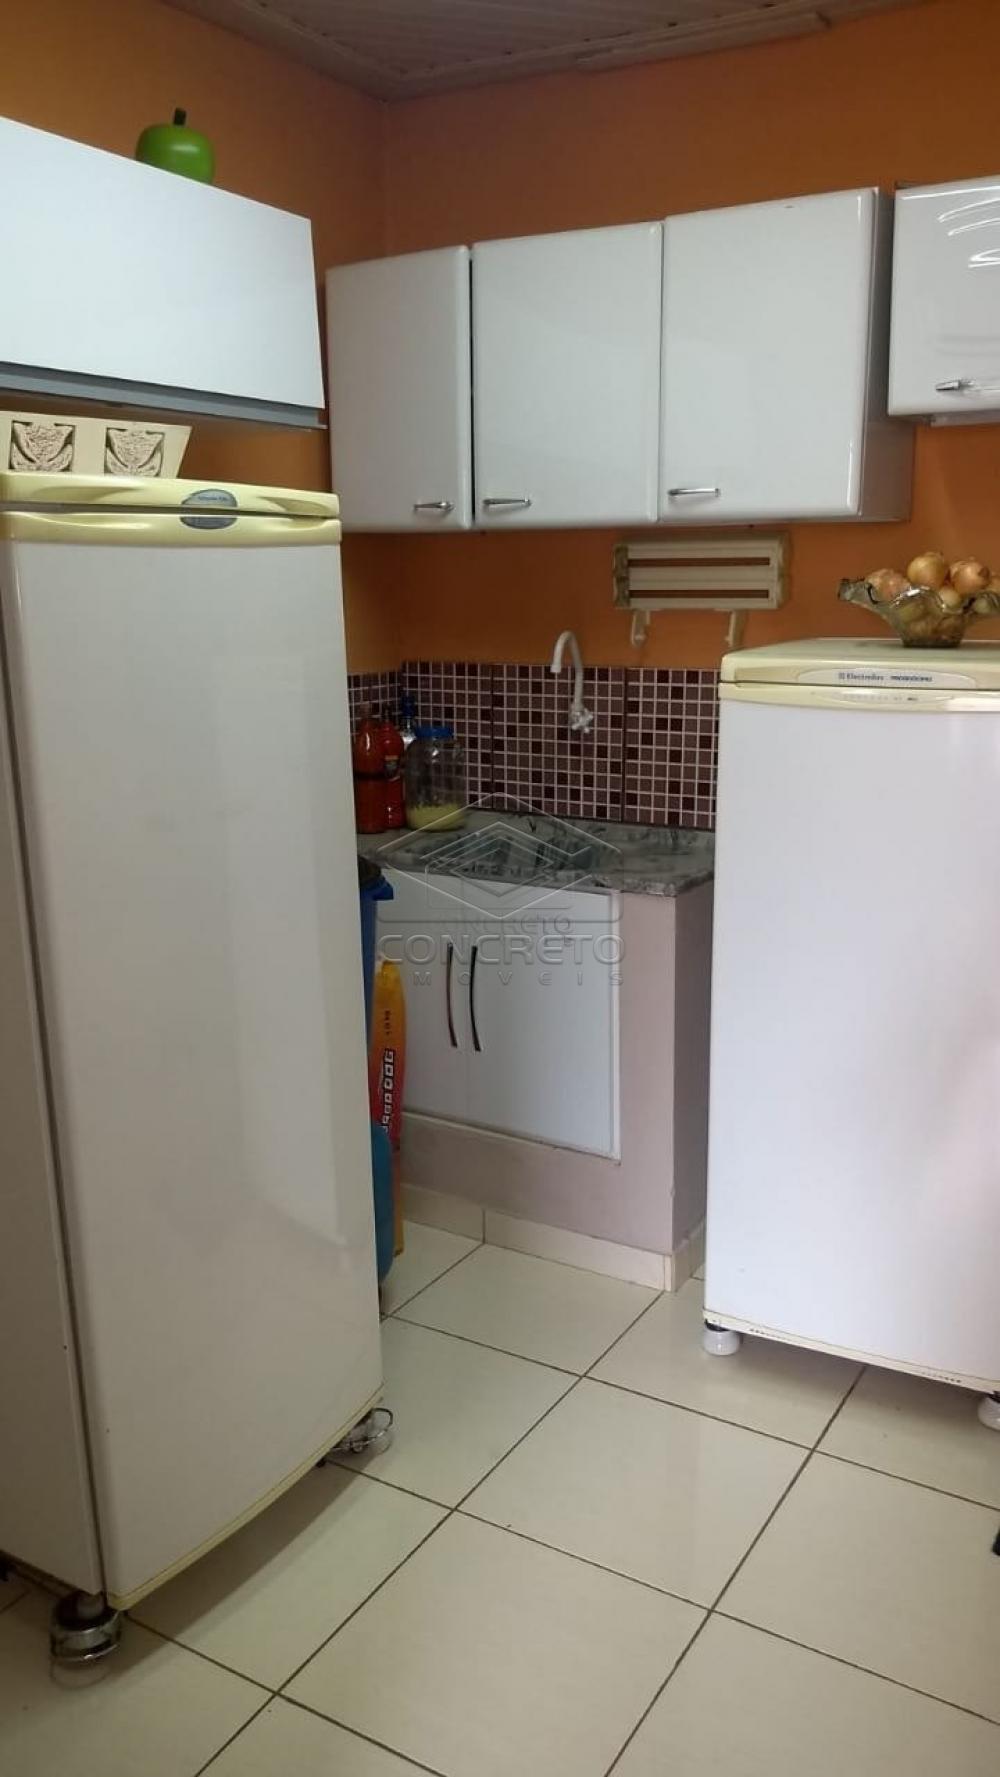 Comprar Casa / Padrão em Botucatu apenas R$ 280.000,00 - Foto 14